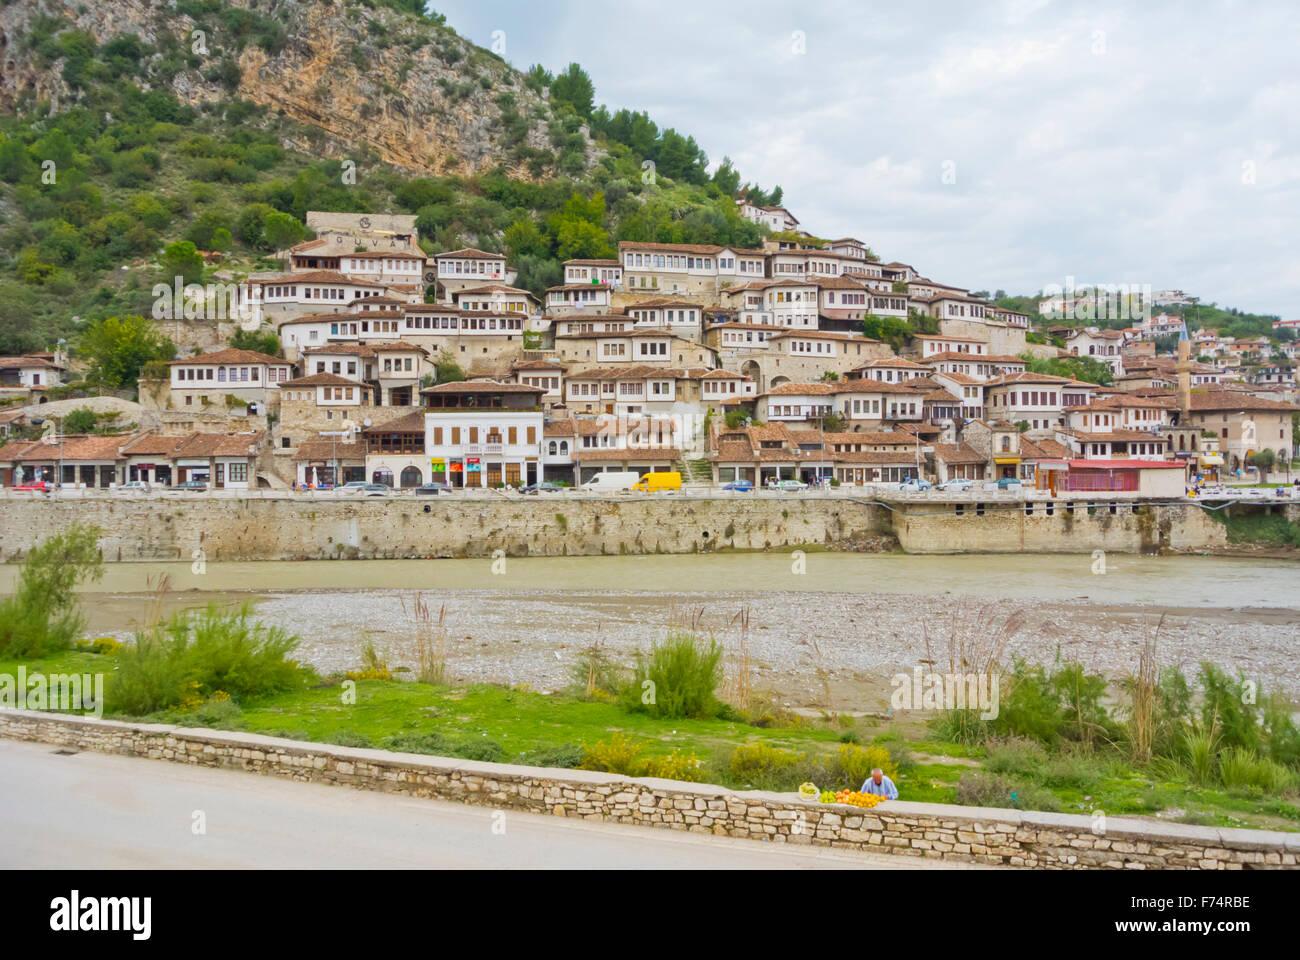 Hillside houses, riverside Osum, Berat, Albania - Stock Image